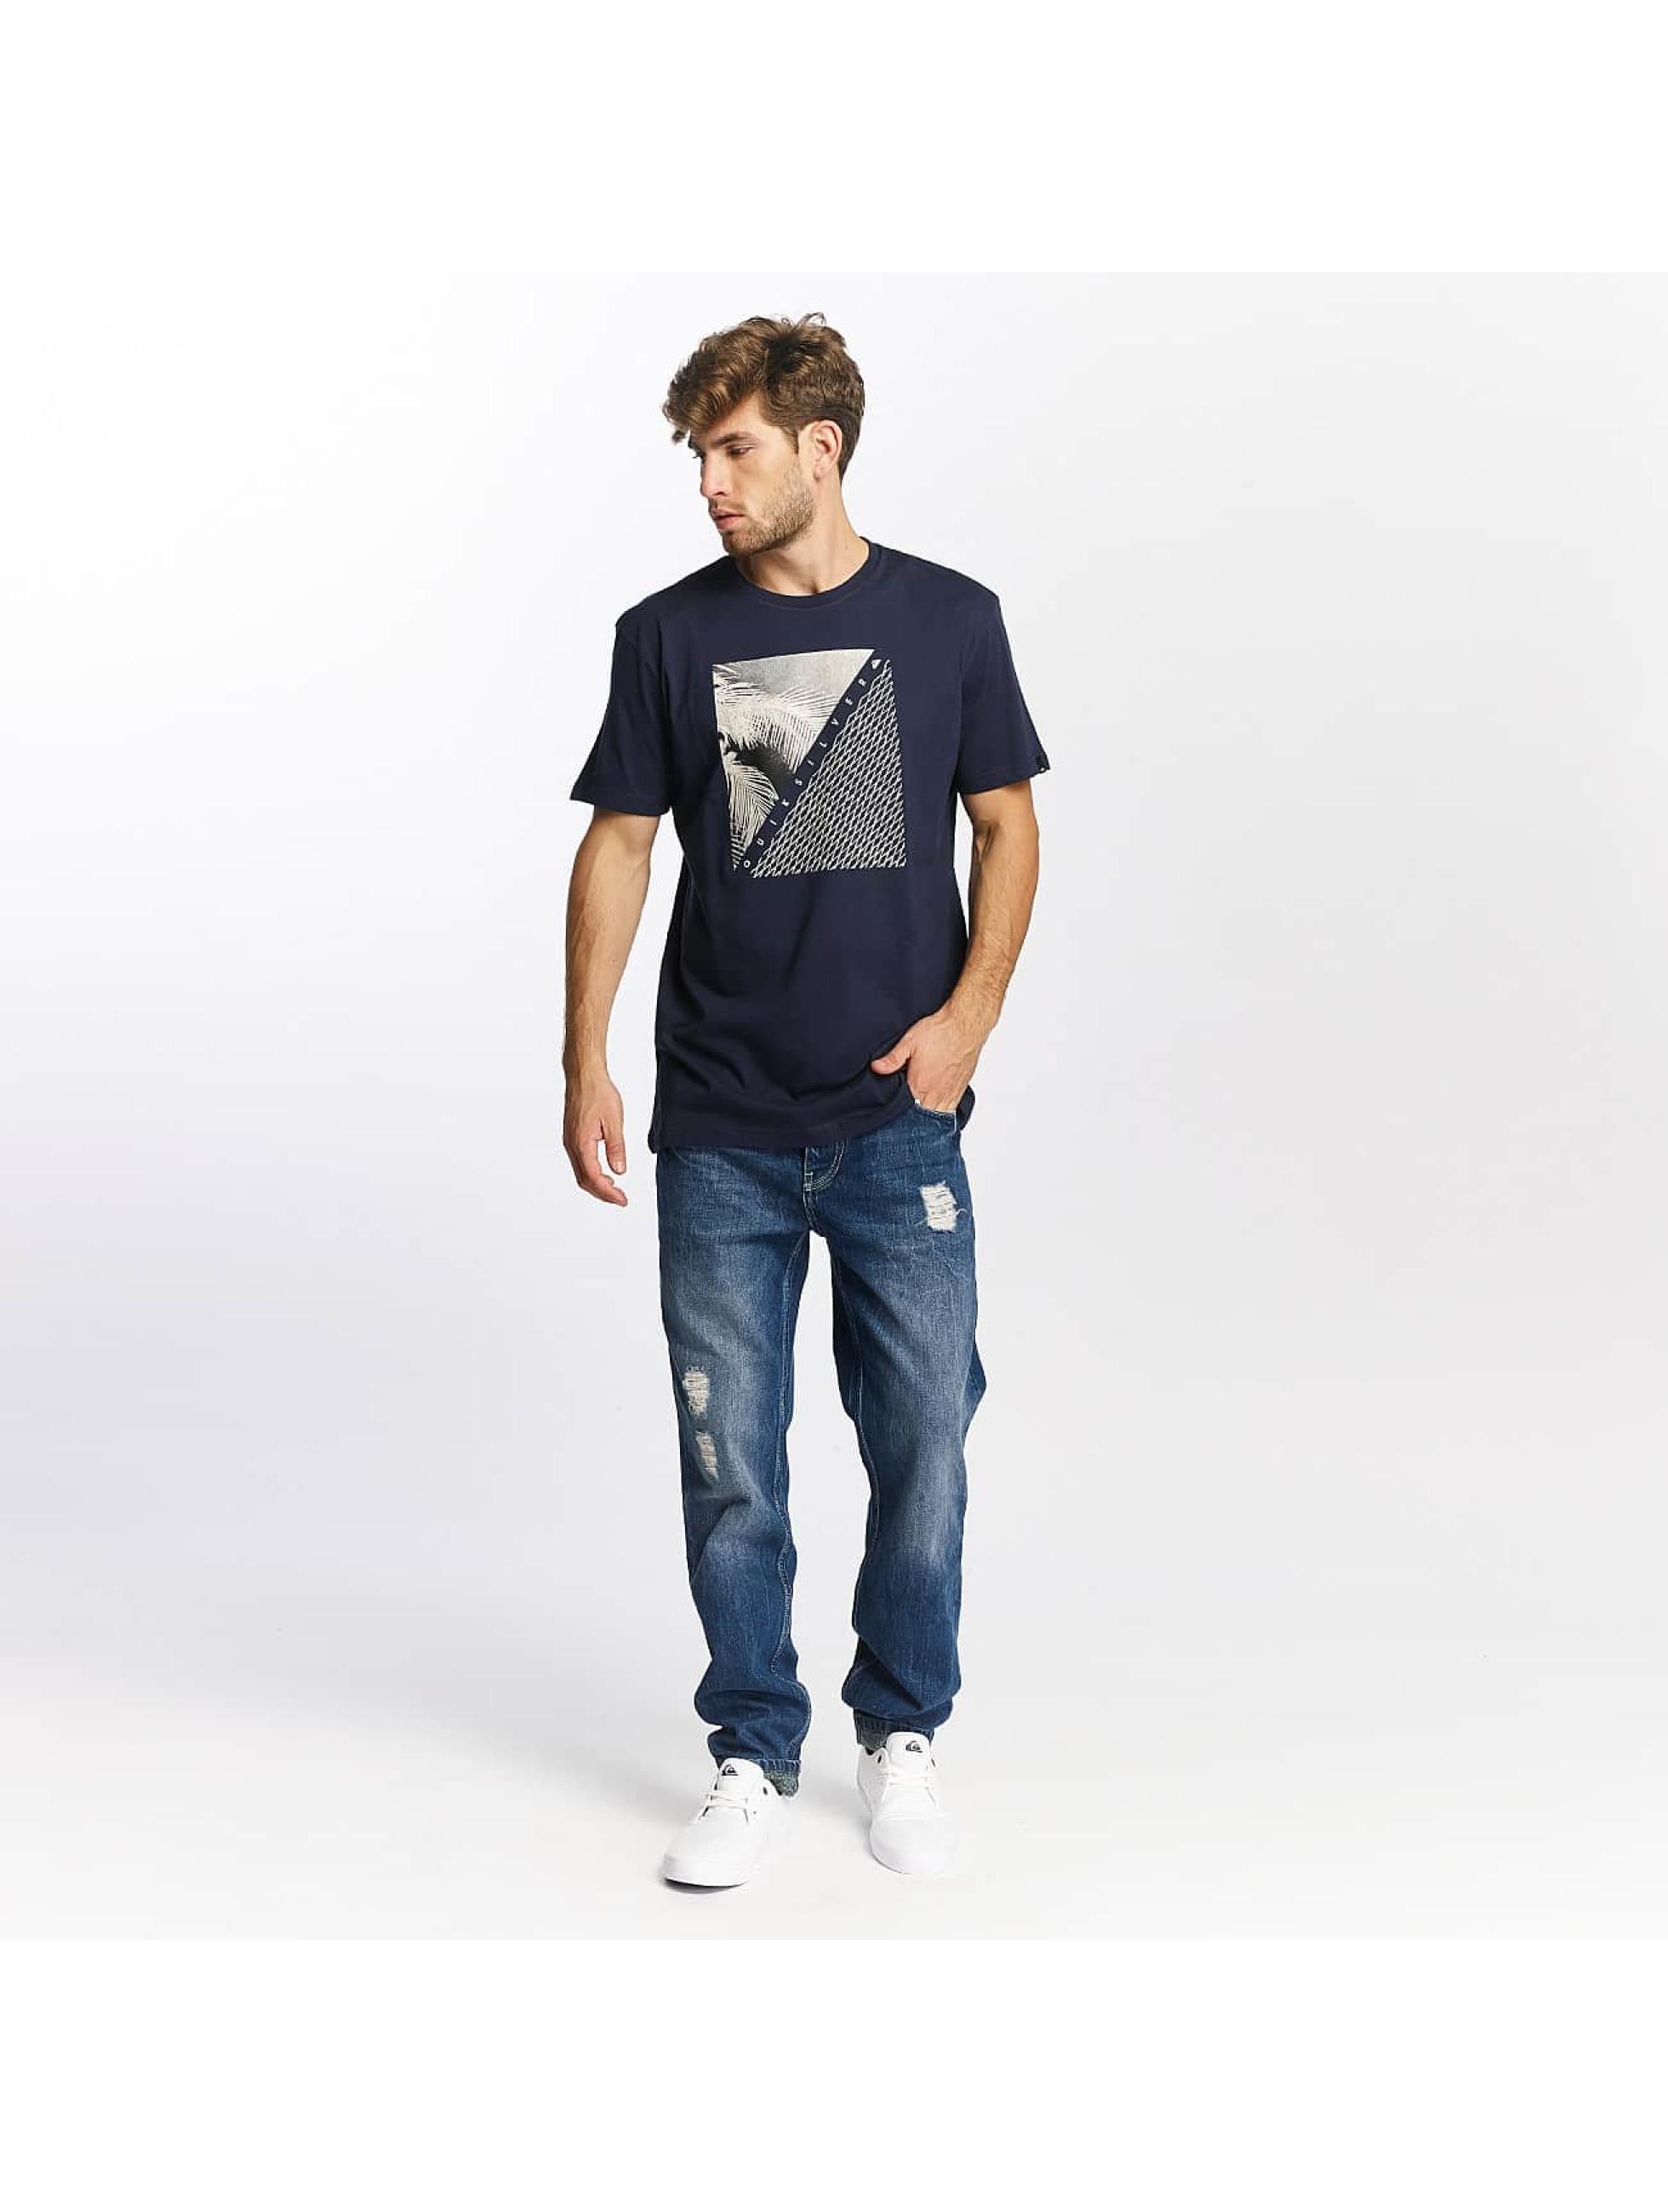 Quiksilver T-Shirt Classic Coast Lines bleu